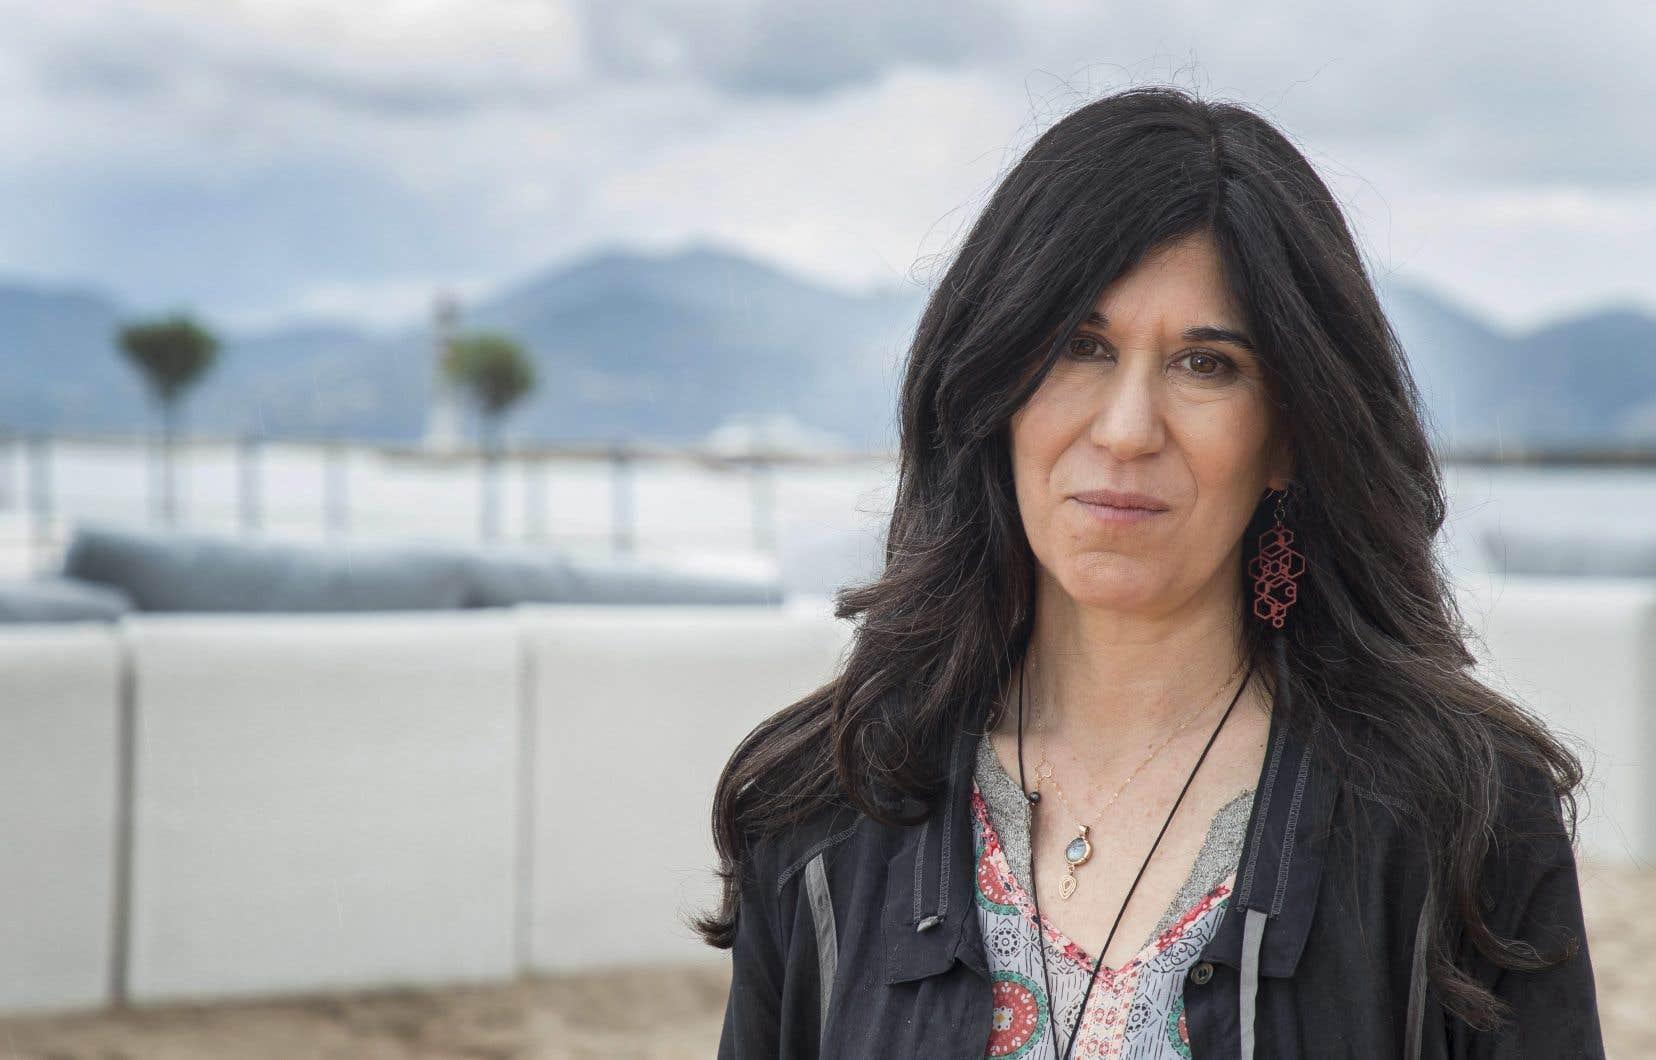 Dans «Leave No Trace», la réalisatrice américaine Debra Granik s'arrime au regard d'une adolescente aux multiples responsabilités, au-delà de son jeune âge.